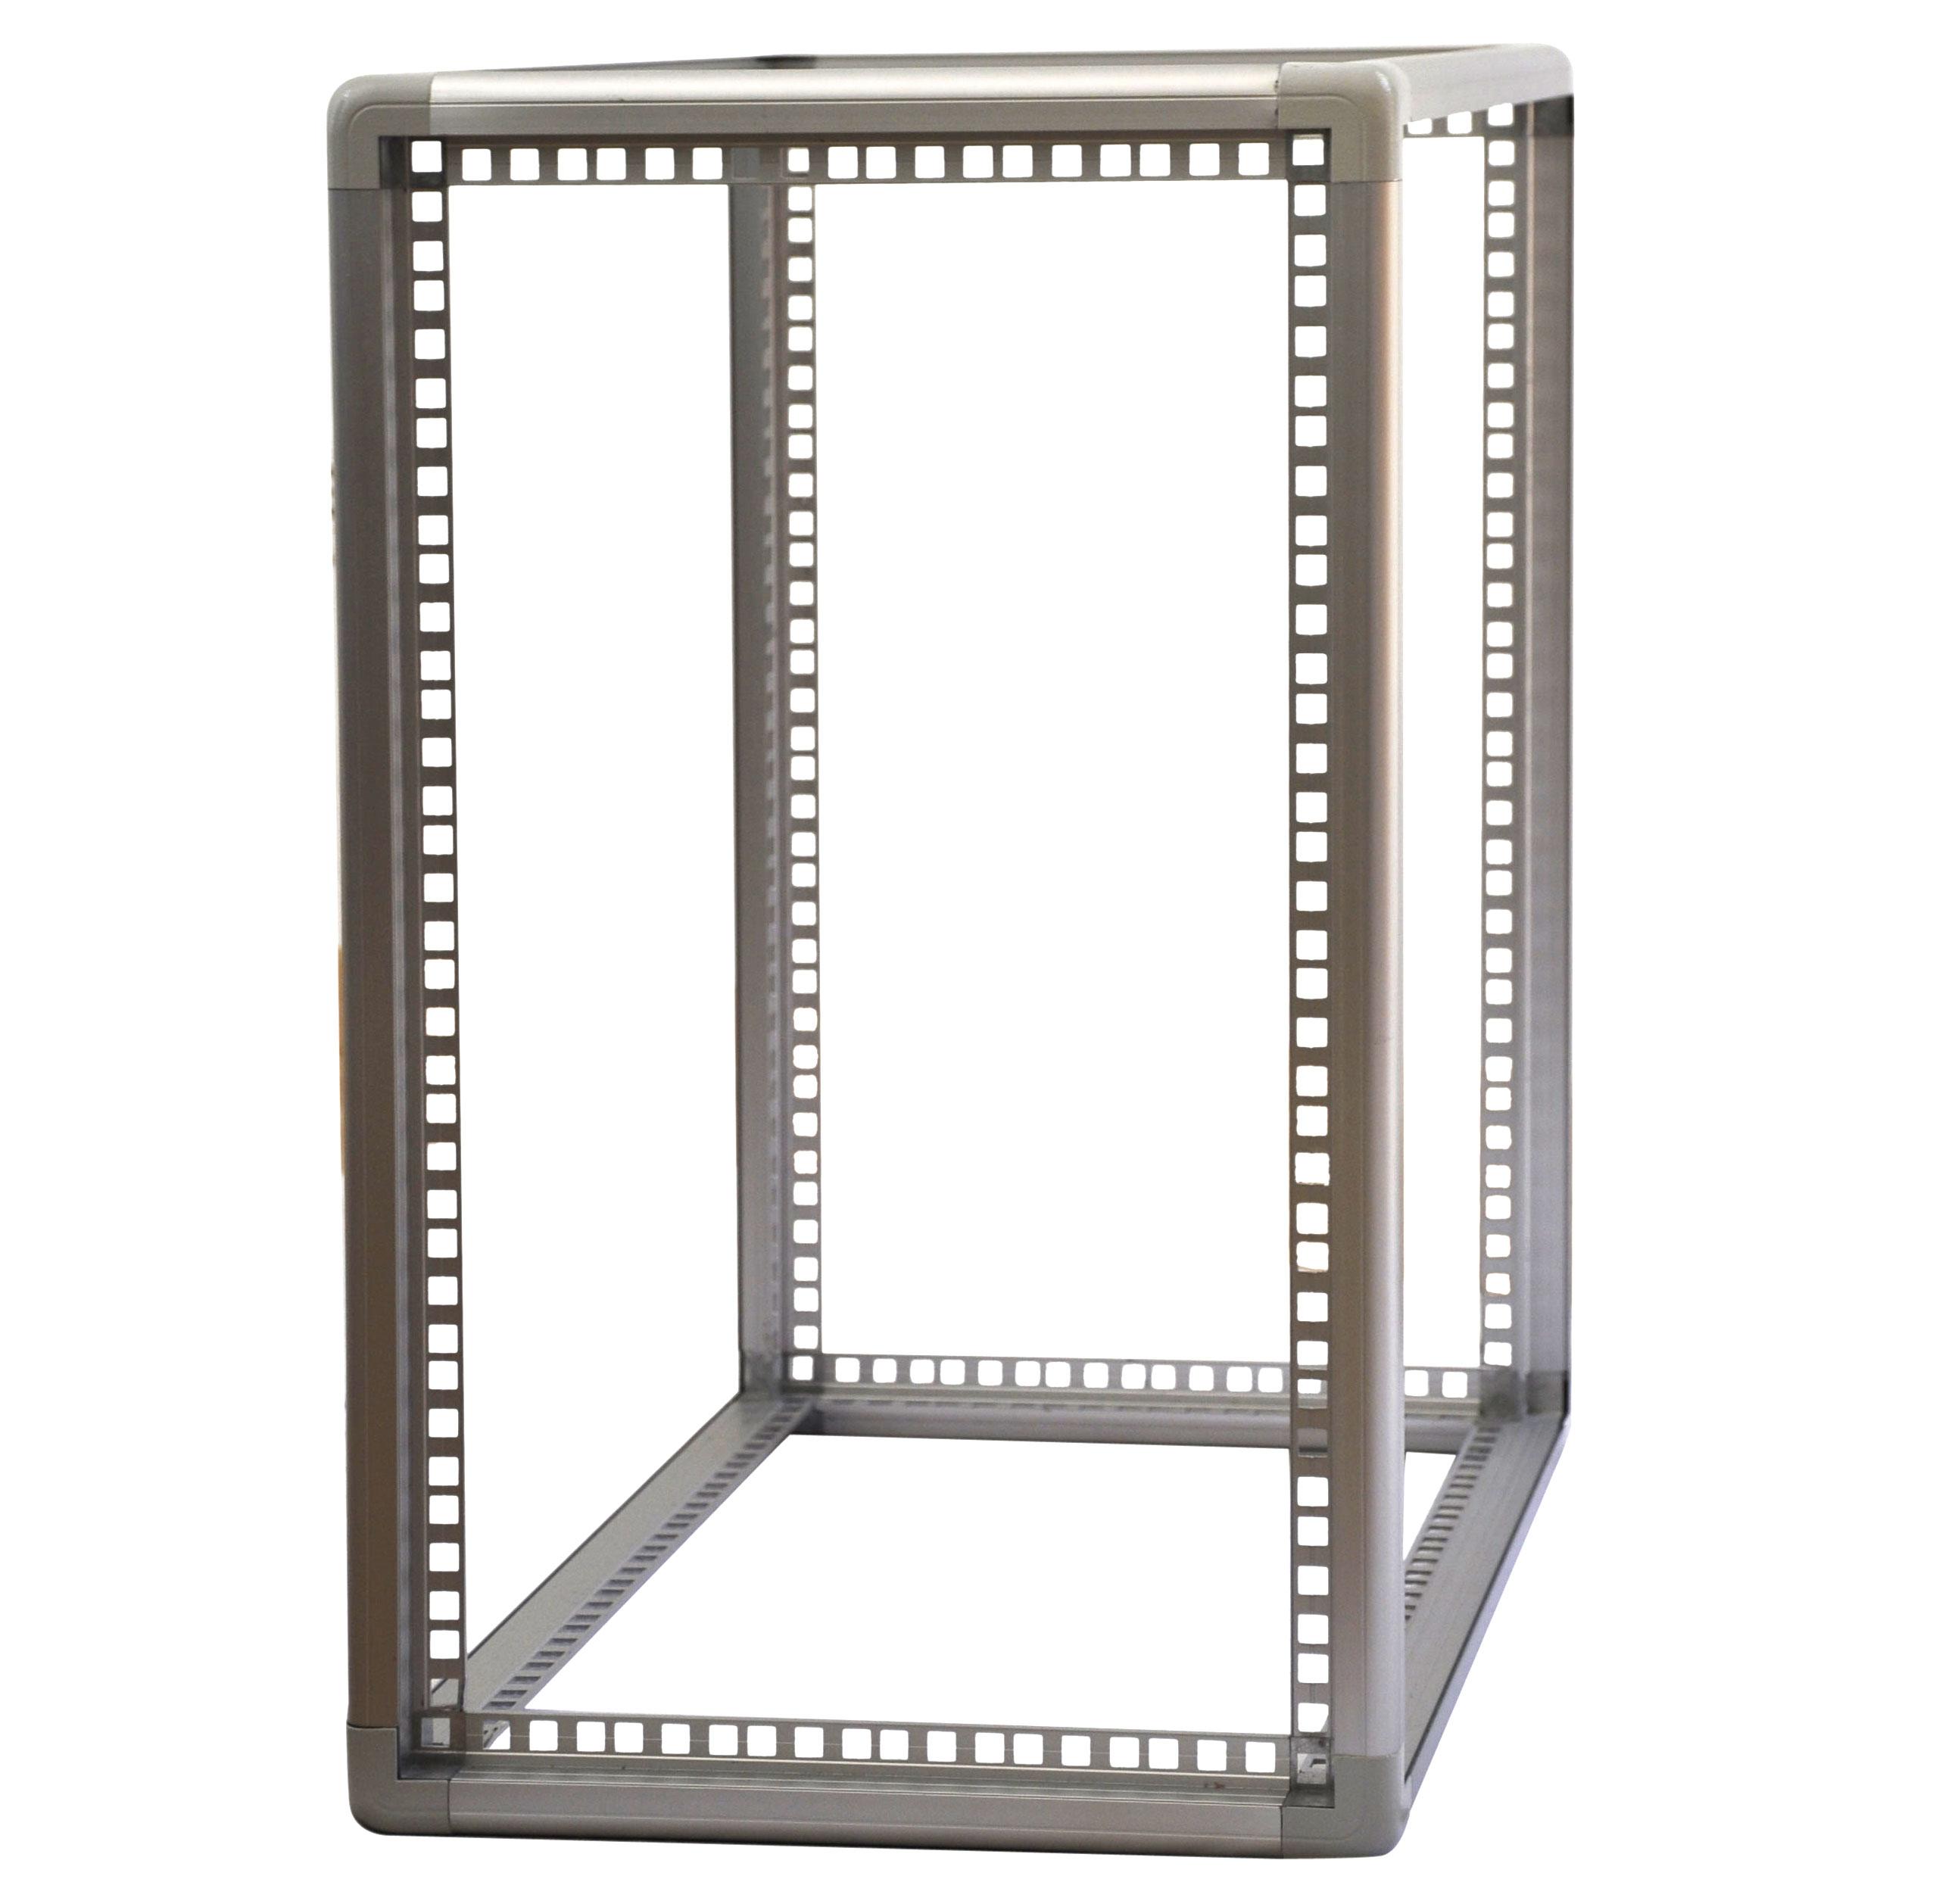 telaio modulare in alluminio per contenitori e strutture di medio piccole dimensioni